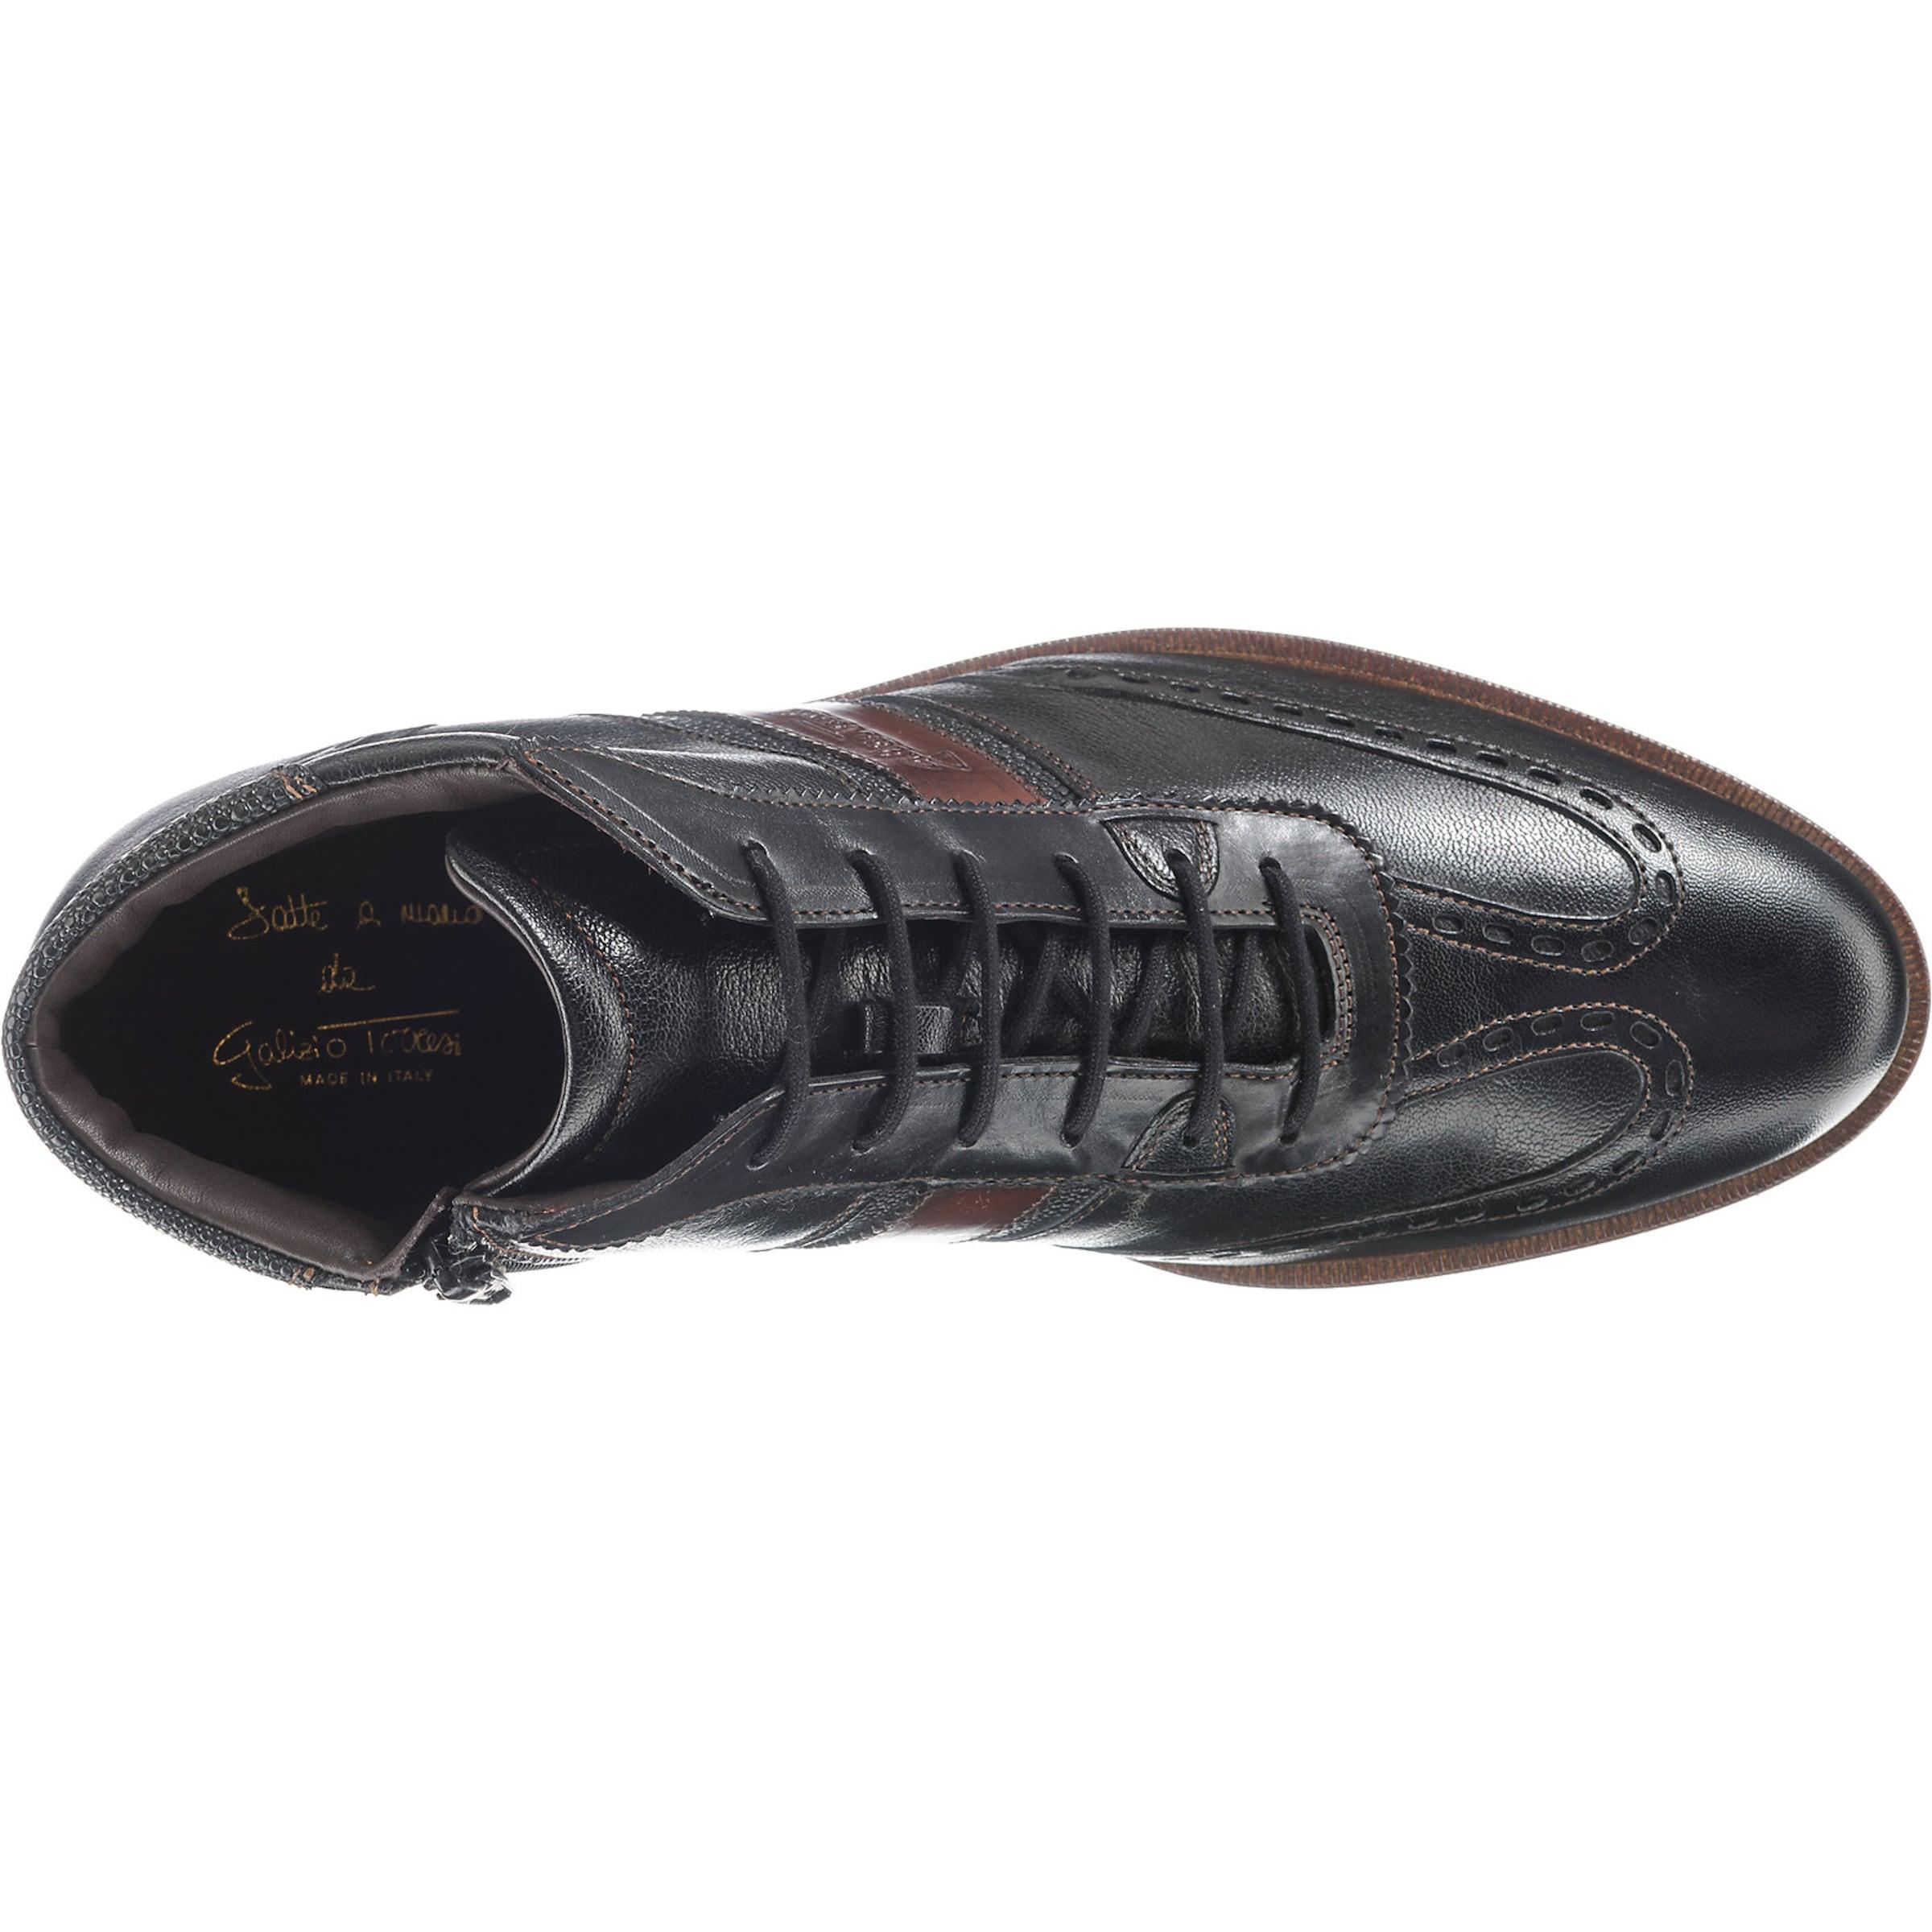 Stiefel Stiefel Stiefel Torresi In In Torresi BraunSchwarz Galizio BraunSchwarz Torresi Galizio Galizio Ov0nmNwy8